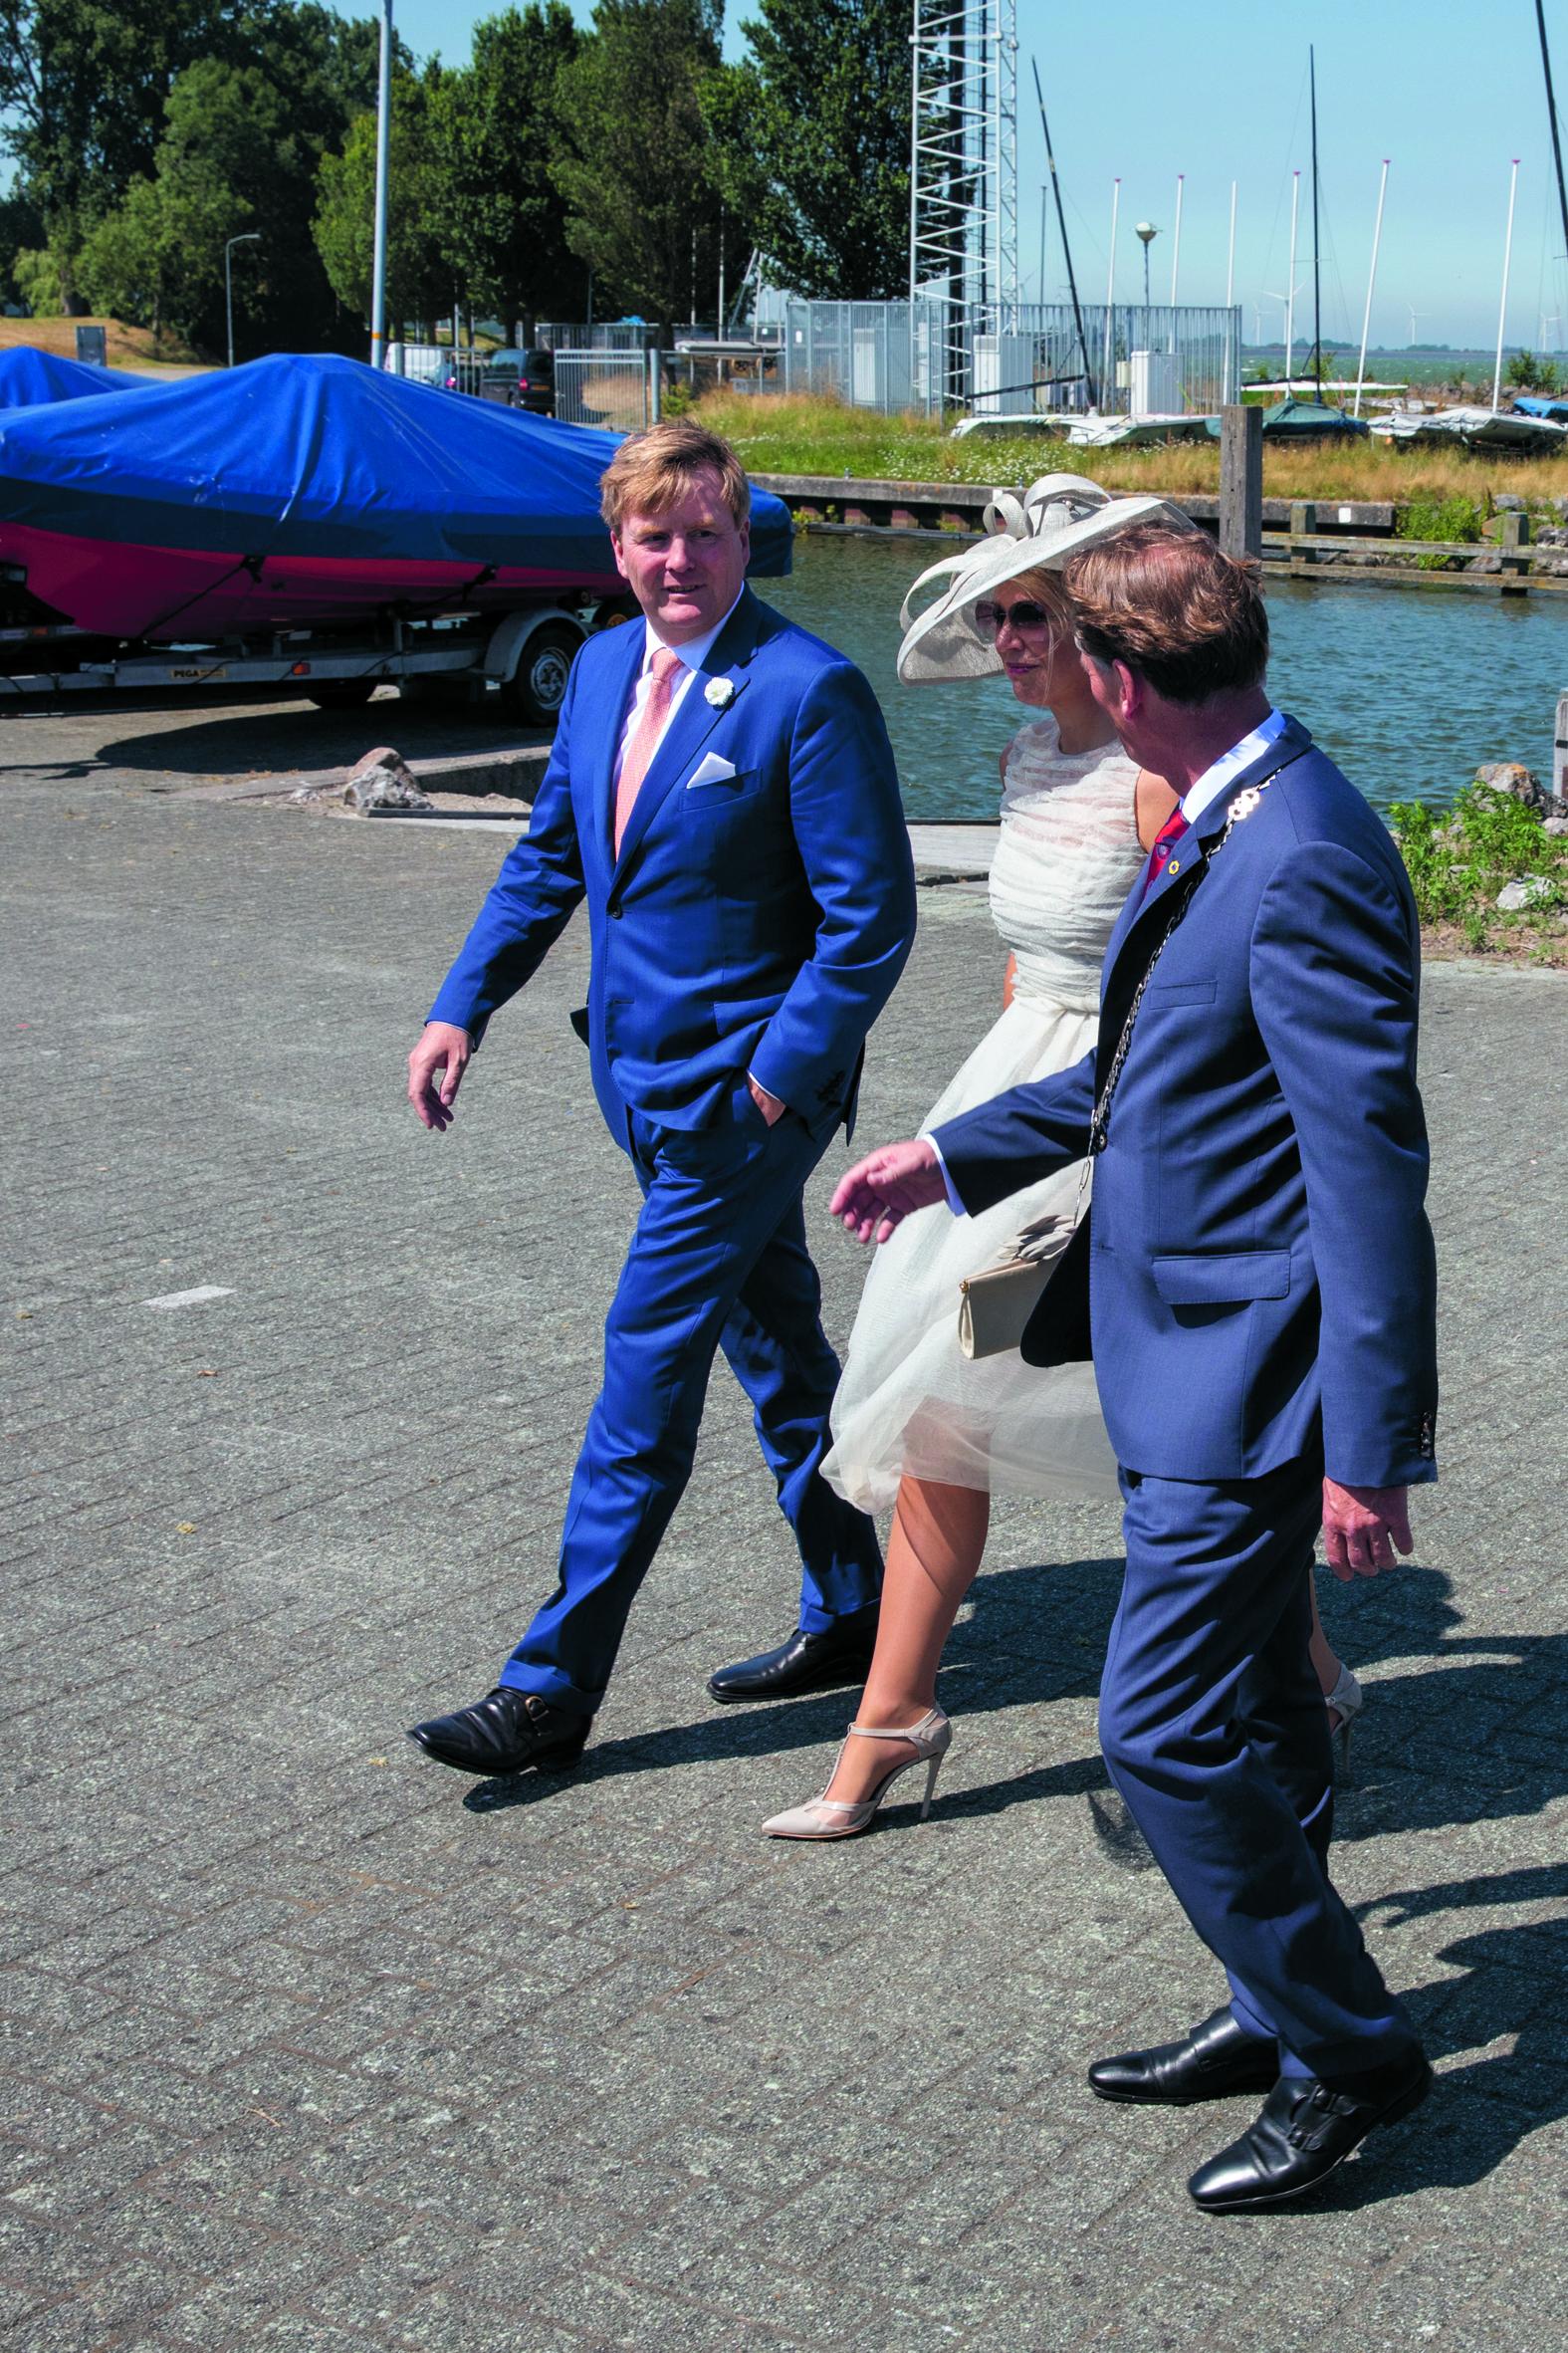 Het Koninklijk Paar op bezoek in Medemblik. (Foto's: Vincent de Vries / Rodi Media) rodi.nl © rodi